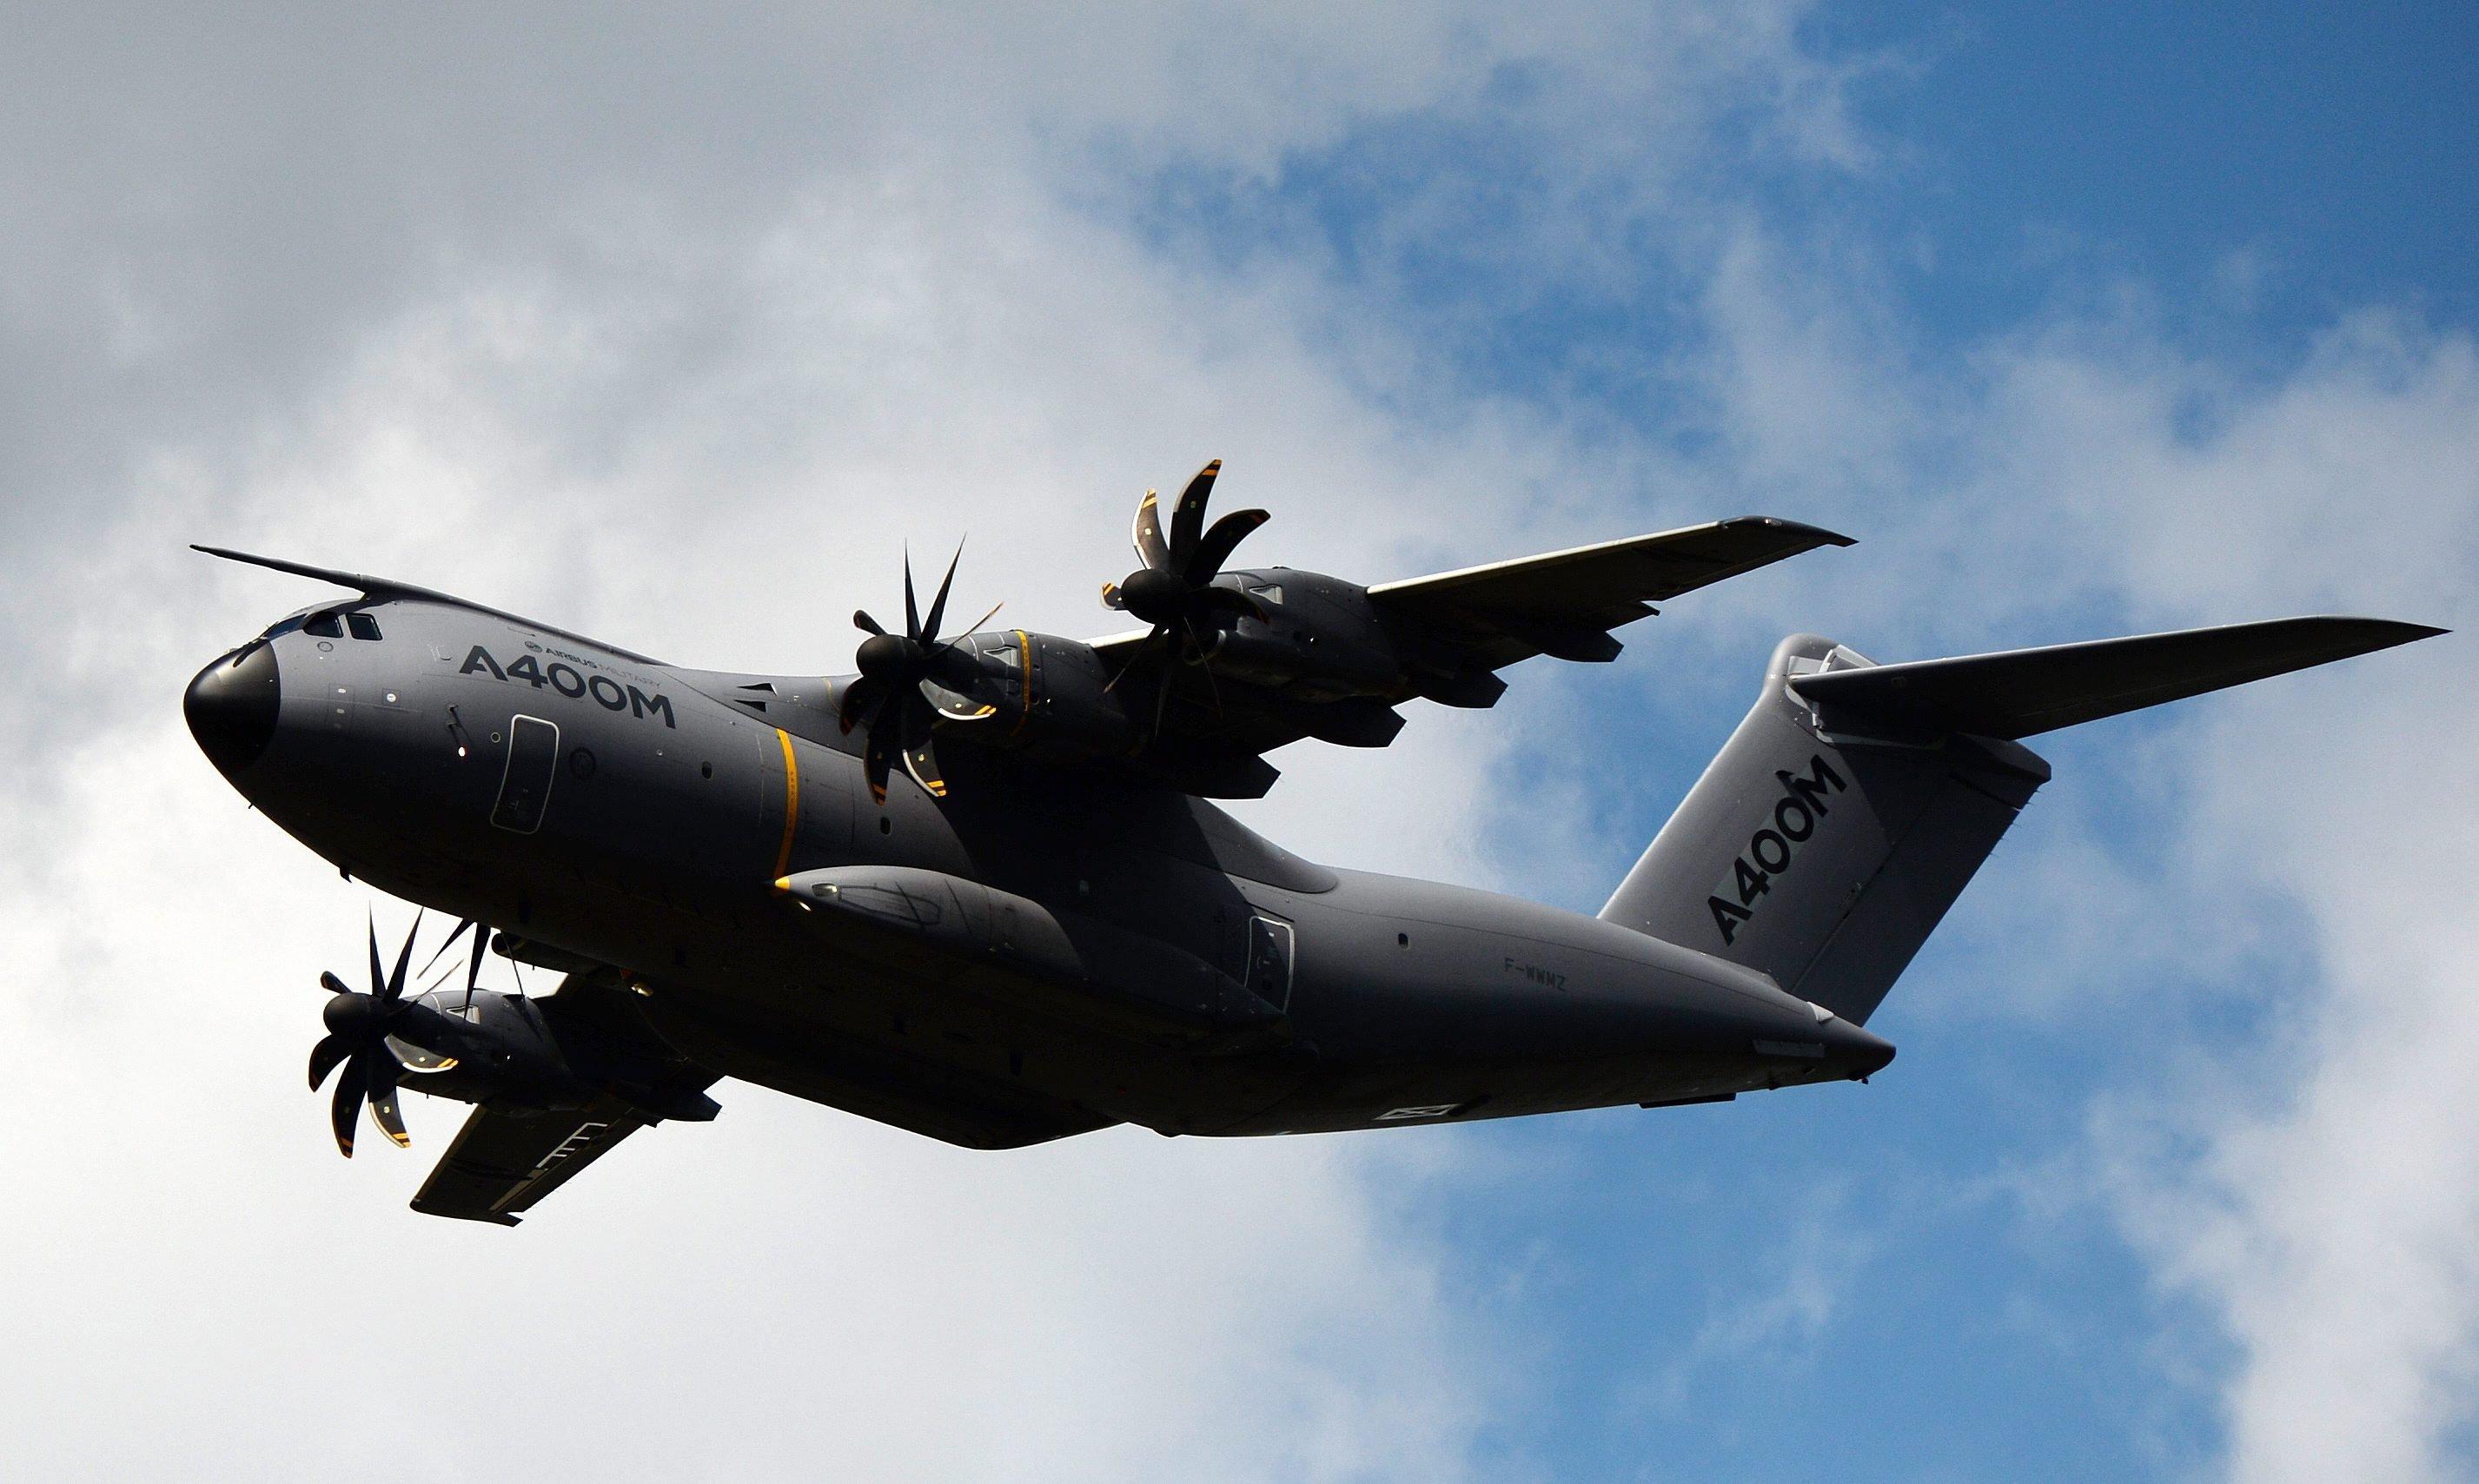 Ein Problem der A400M: In großer Flughöhe wird es in der Maschine zu kalt. Die Laderampe des Militärtransporters kann außerdem nur drei Tonnen Gewicht tragen – gefordert waren 4,5 Tonnen.